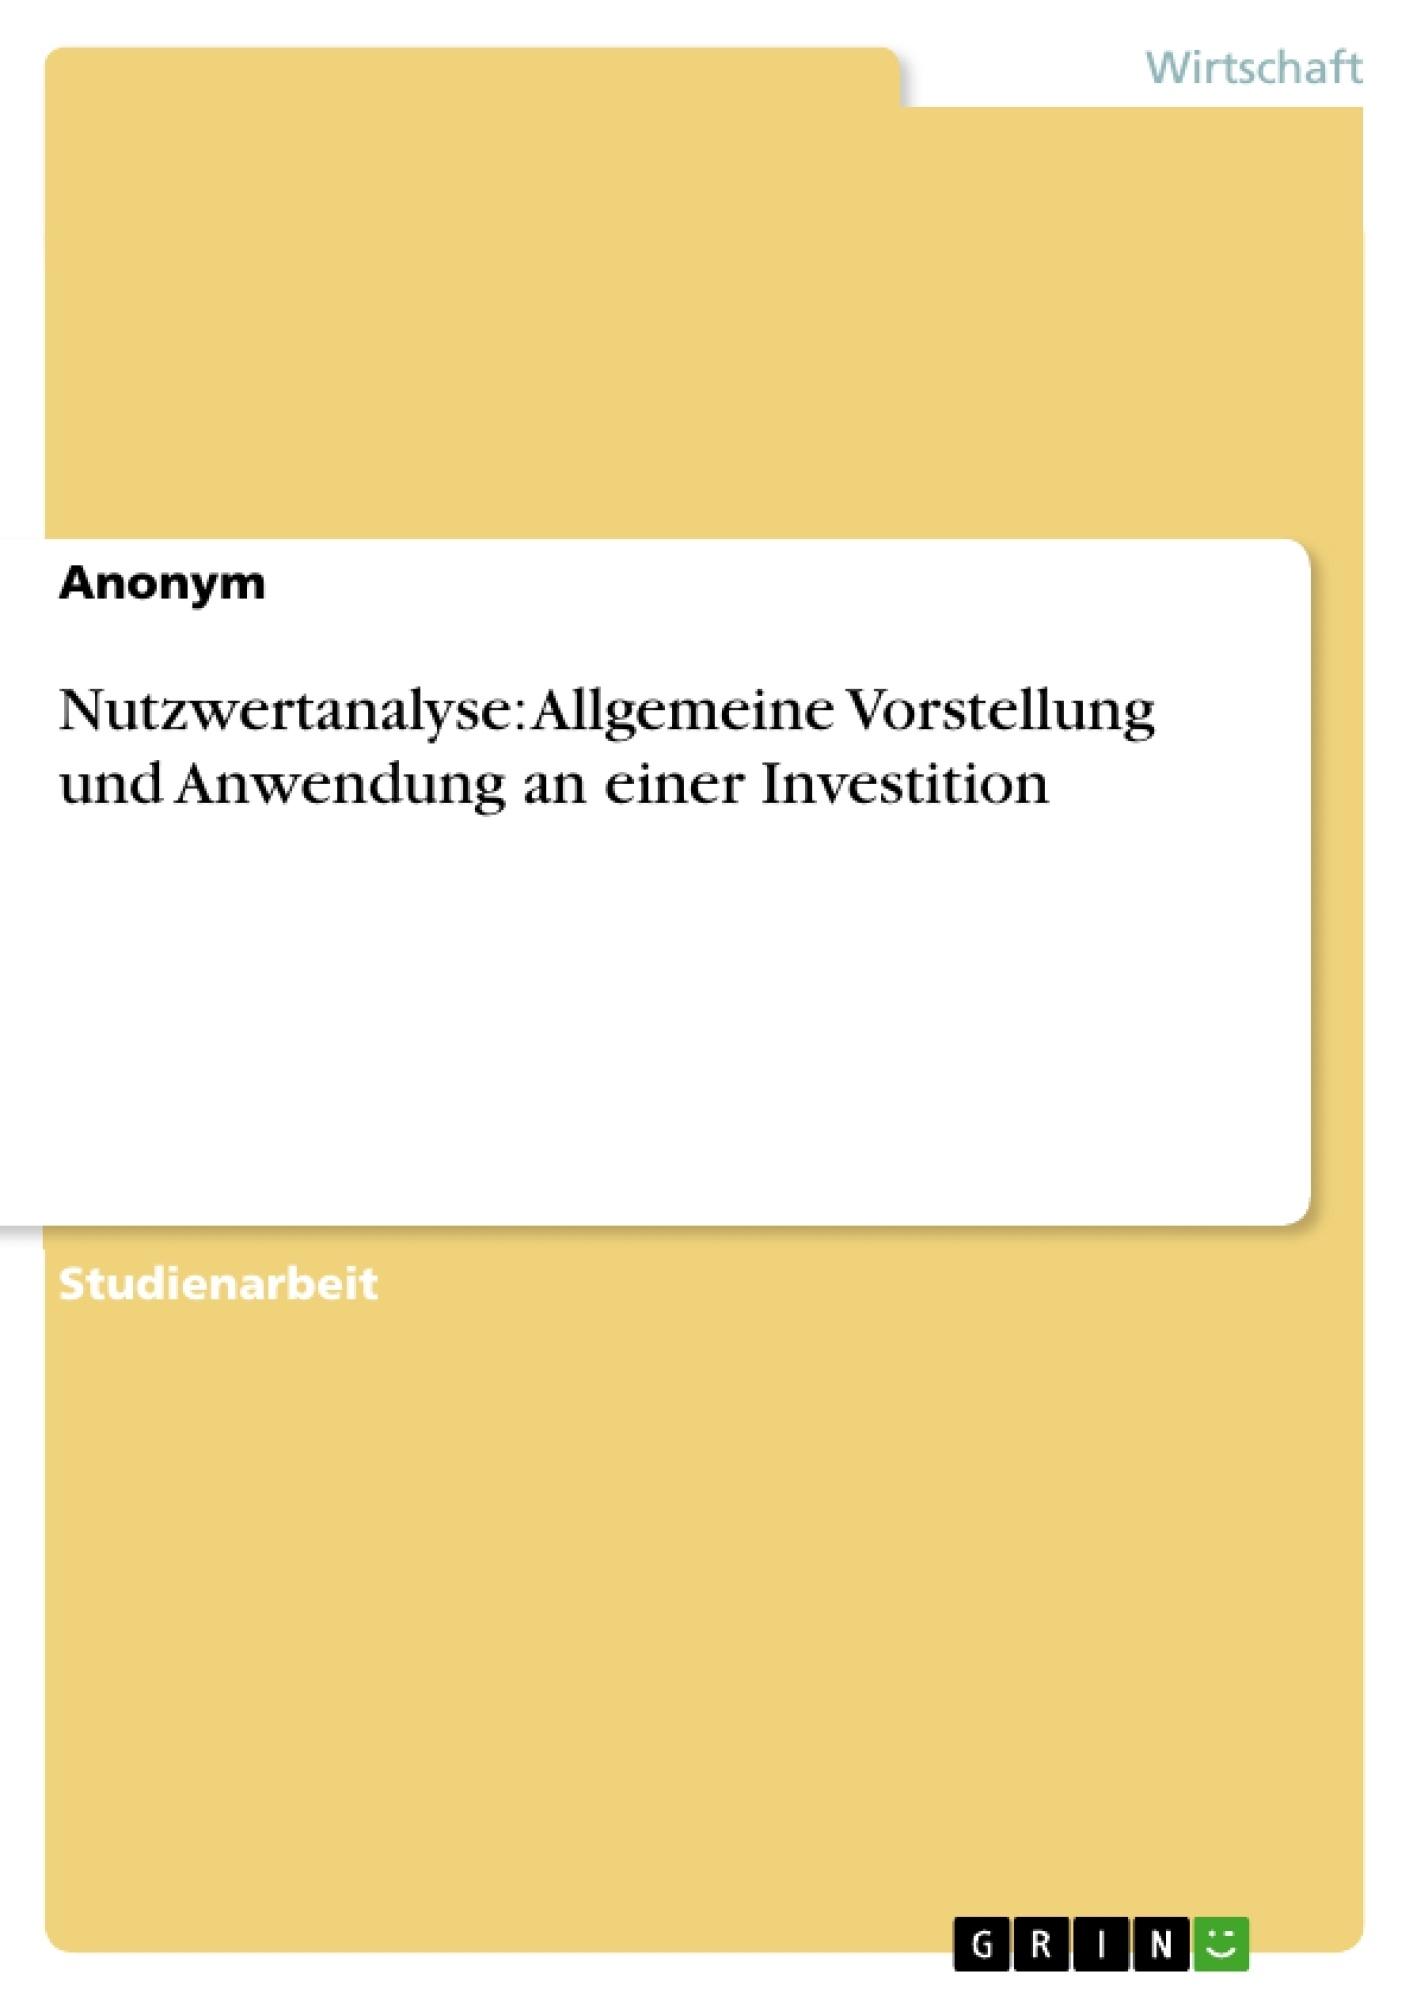 Titel: Nutzwertanalyse: Allgemeine Vorstellung und Anwendung an einer Investition